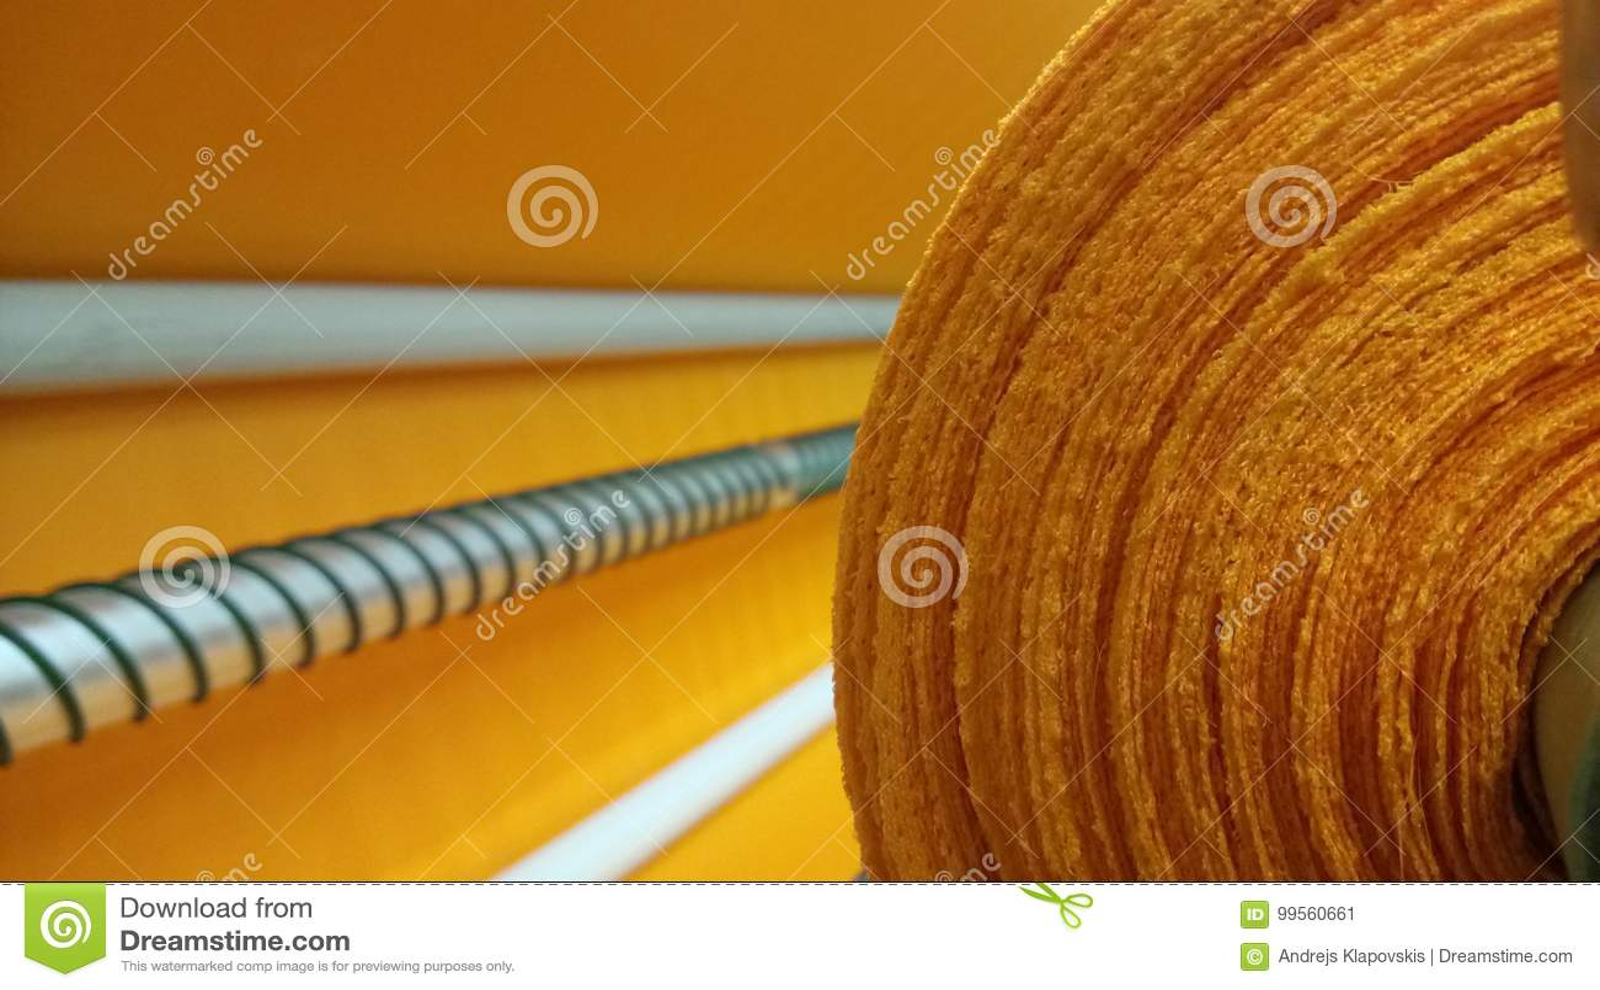 Νέος βιομηχανικός πορτοκαλής ρόλος, πορτοκαλί υπόβαθρο Έννοια: υλικό, ύφασμα, κατασκευή, εργοστάσιο ενδυμάτων, νέα δείγματα των υ